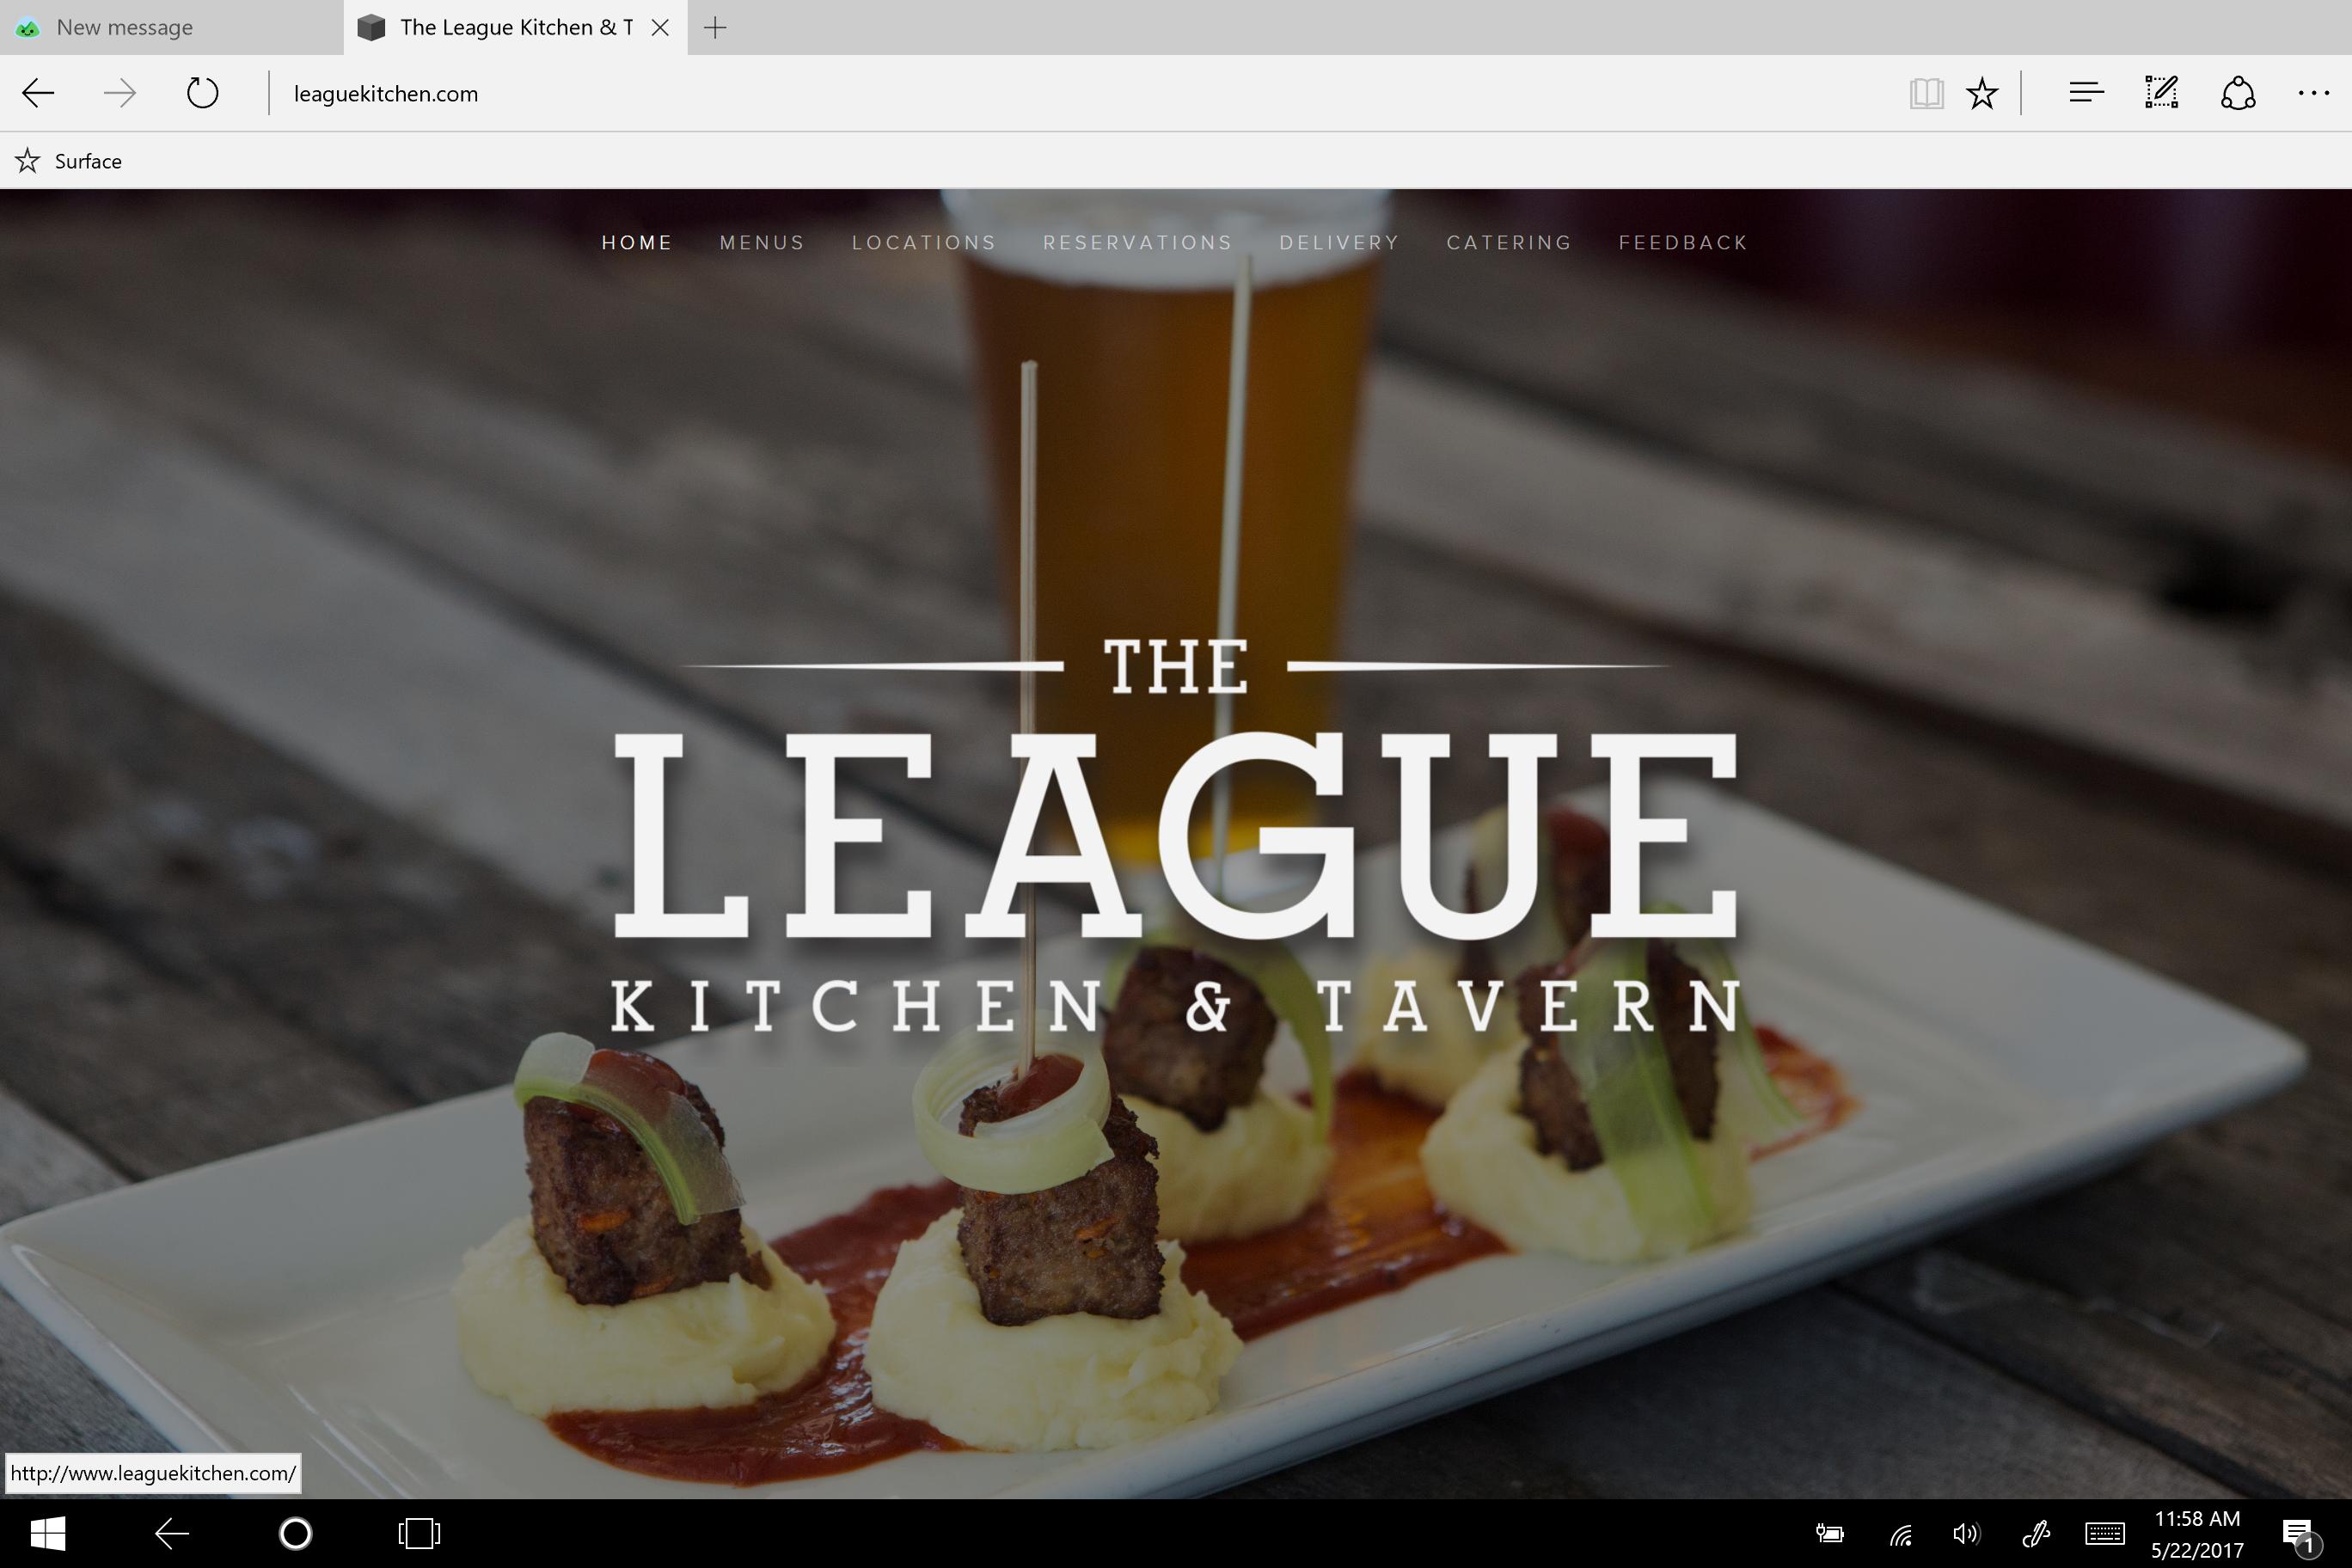 League Kitchen